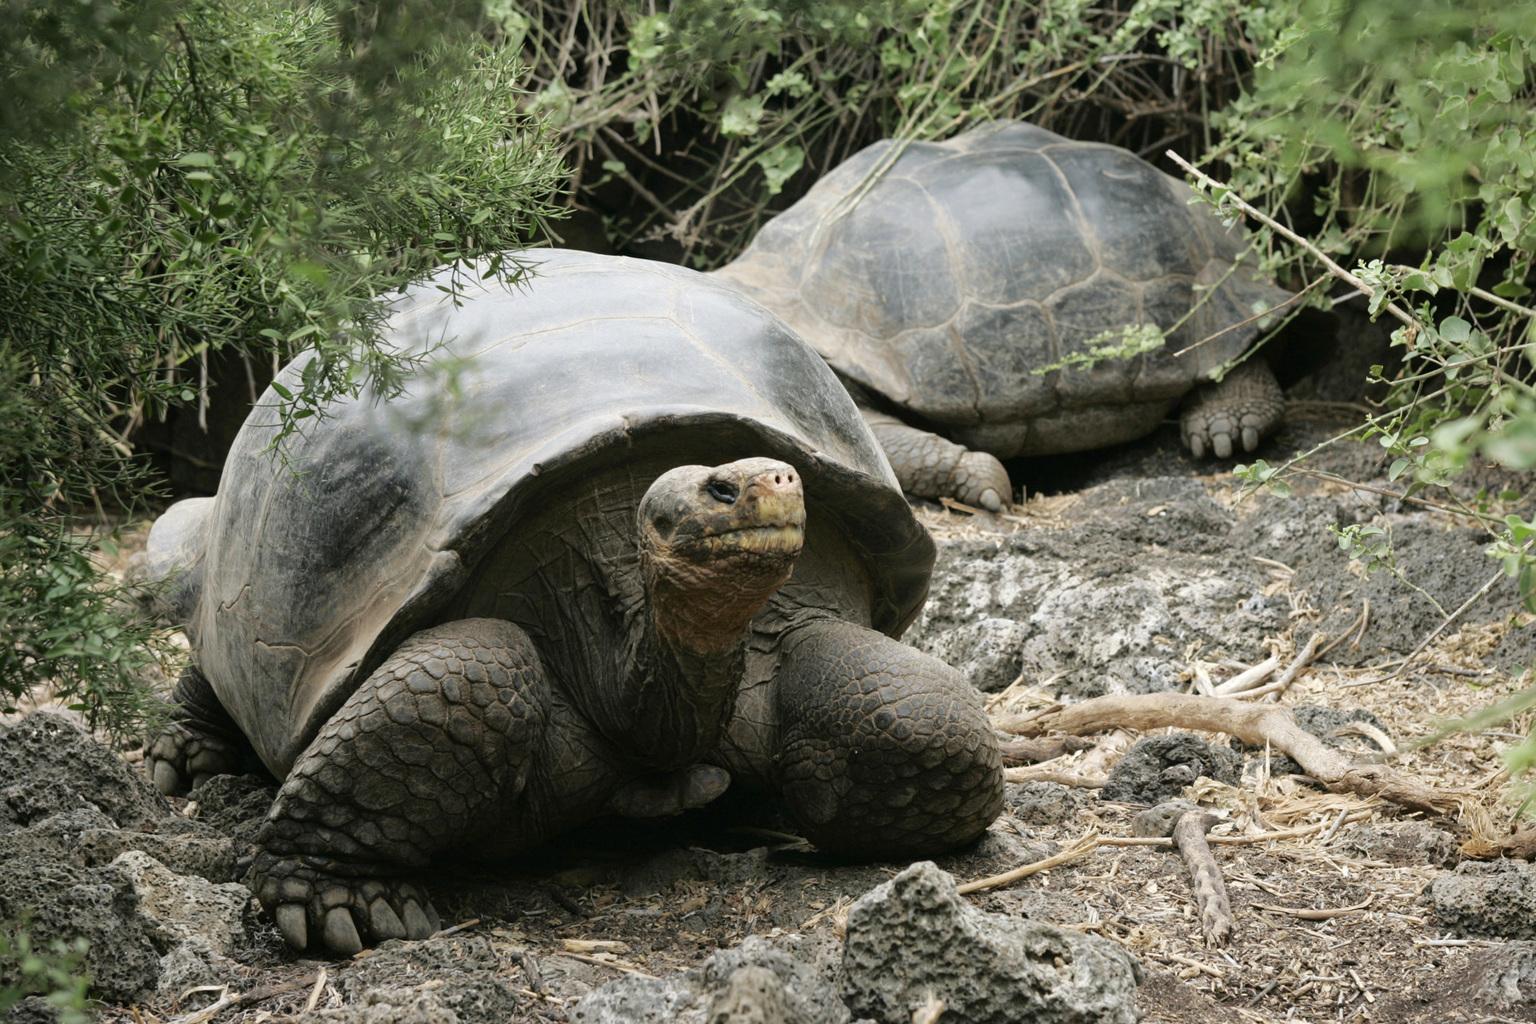 Óriásteknősök a Galápagoson. (Fotó: Reuters/ Guillermo Granja)